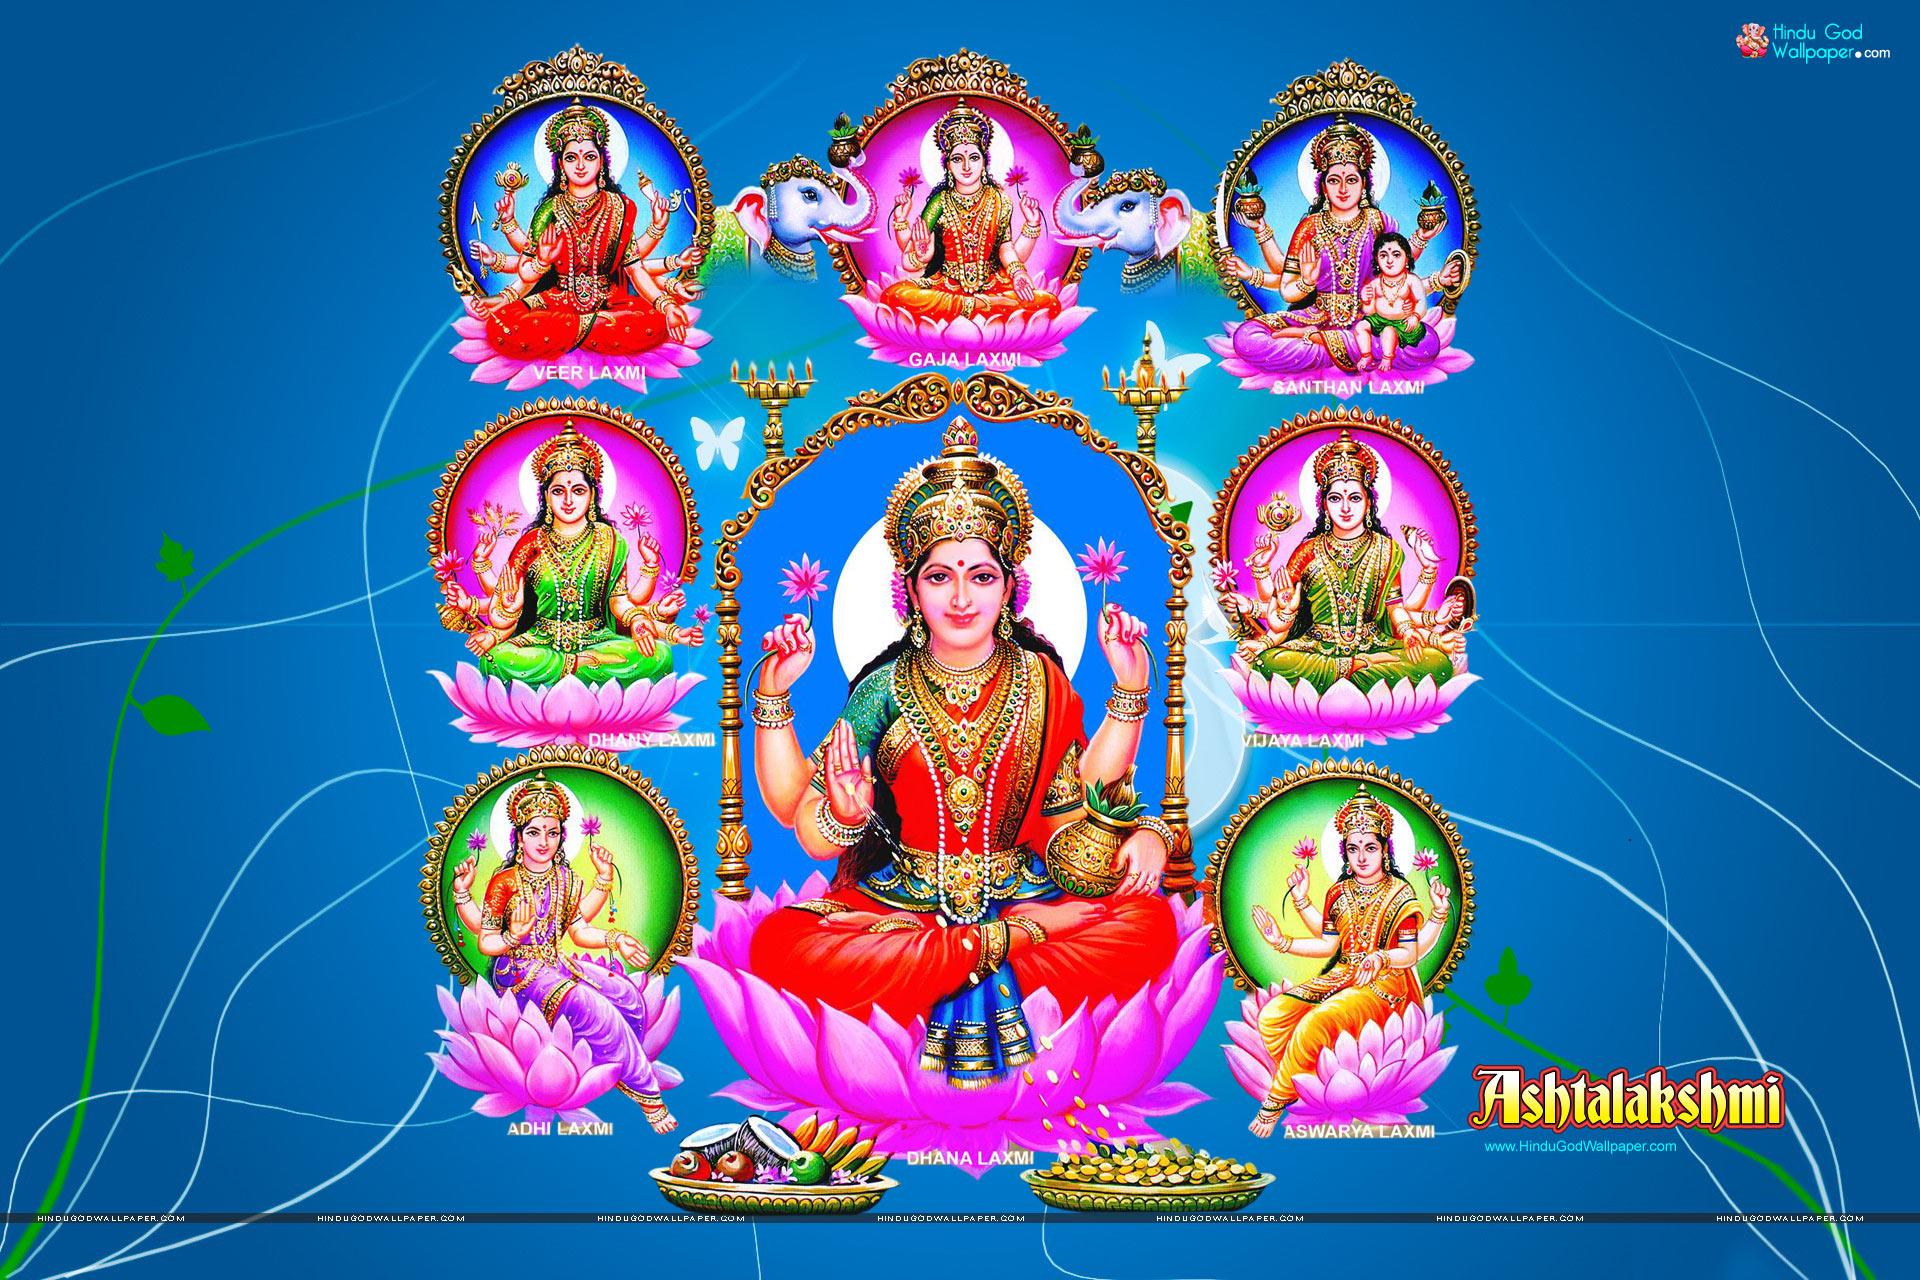 Lakshmi Wallpapers Goddess Lakshmi Maa Images Free Download 1920x1280